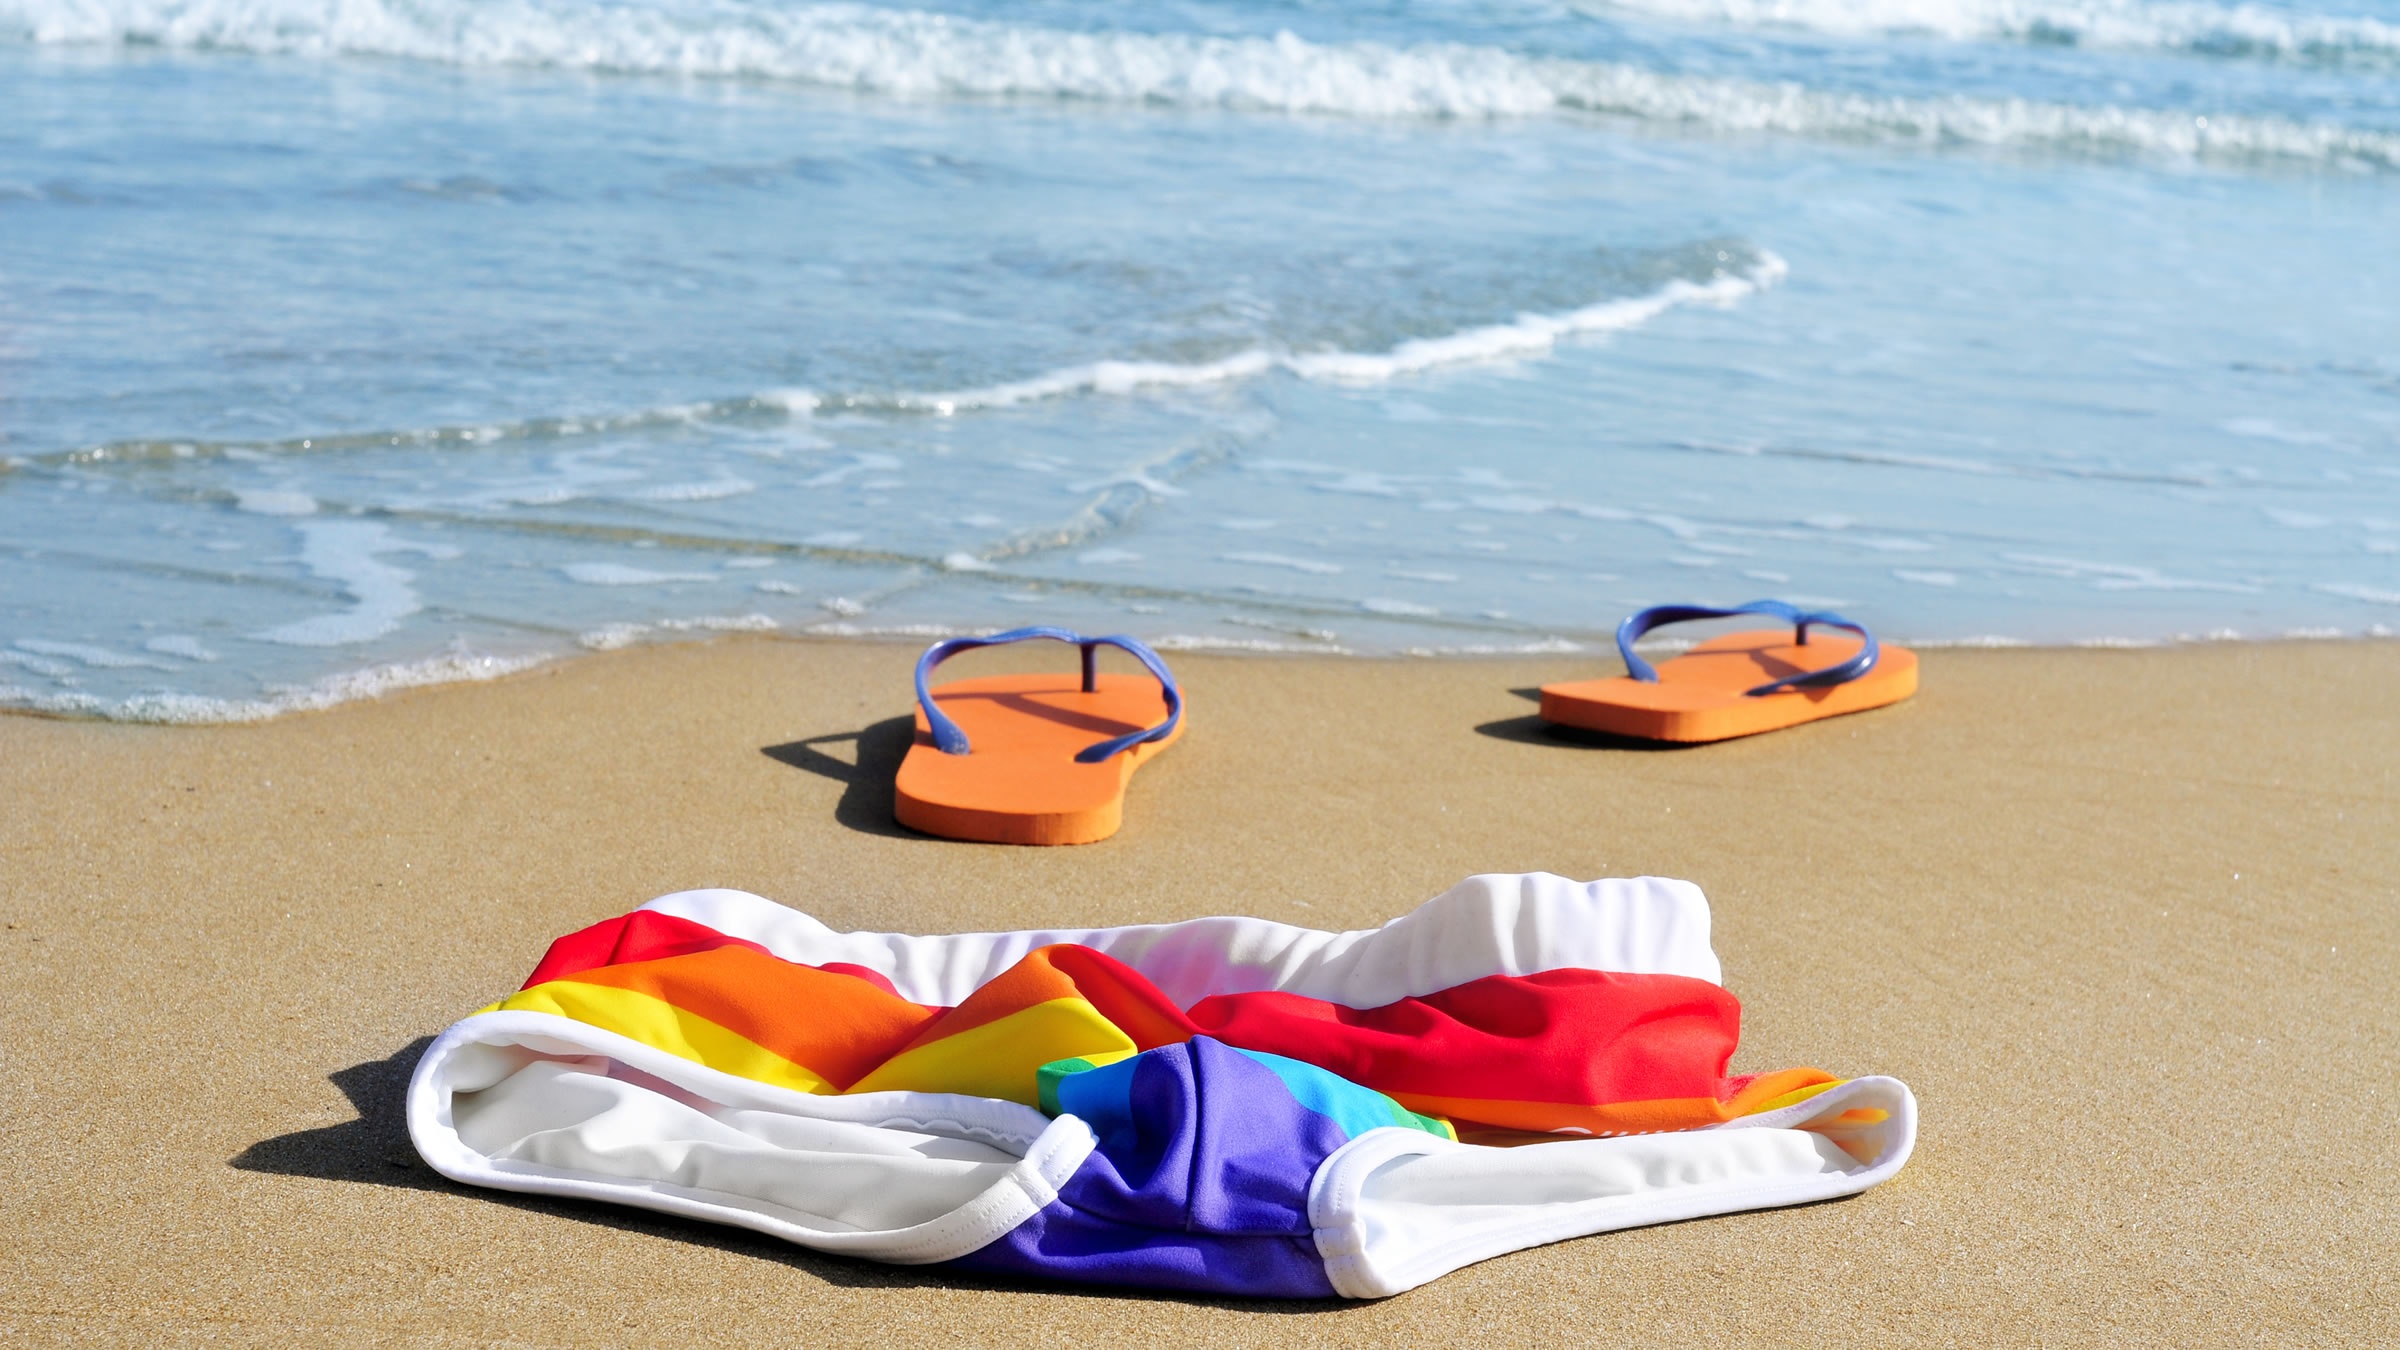 tirisnmo gay, vacaciones gay, playas gay, turismo lgbt